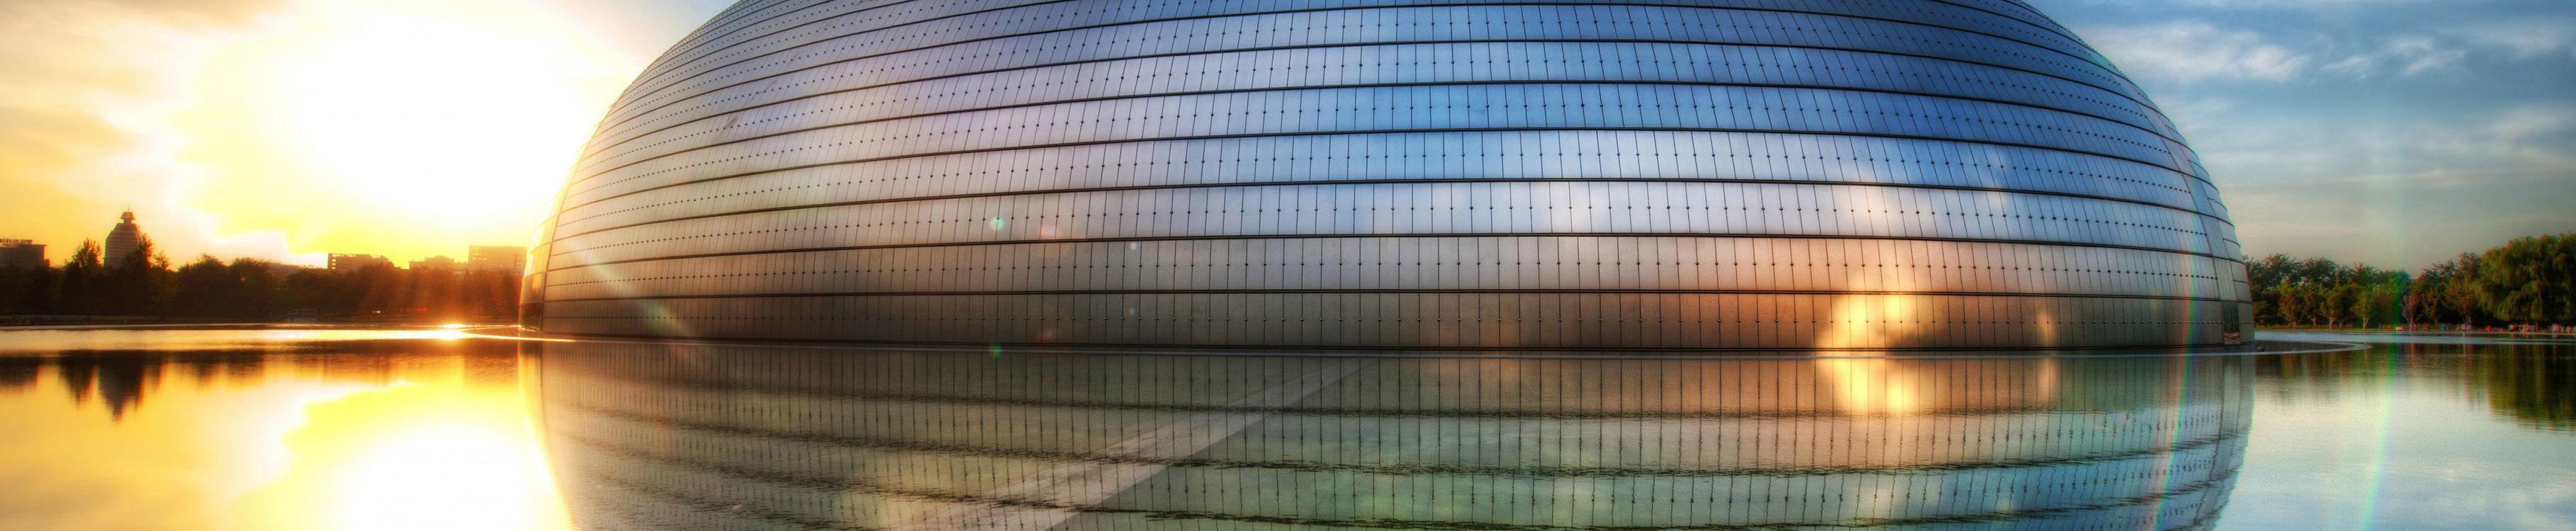 Фото бесплатно национальная опера пекина, центр, искусств, на воде, постройки, архитектура, город, город